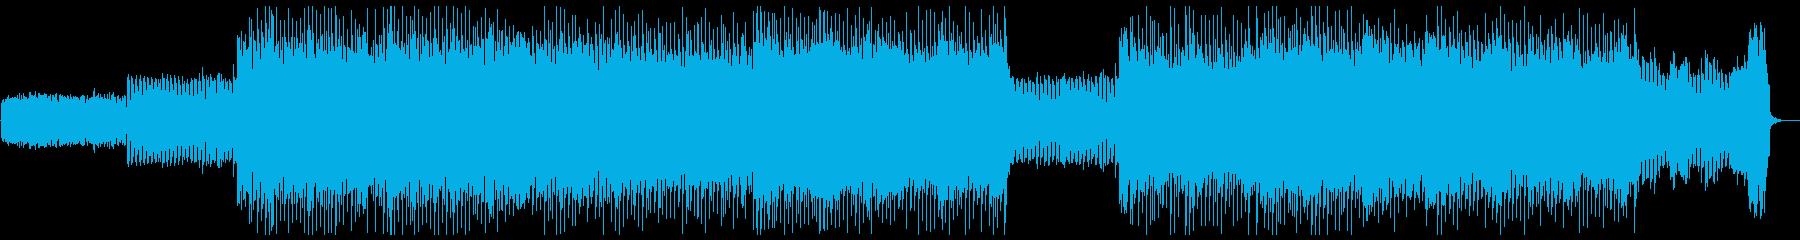 ティーン 人気のある電子機器 日本...の再生済みの波形